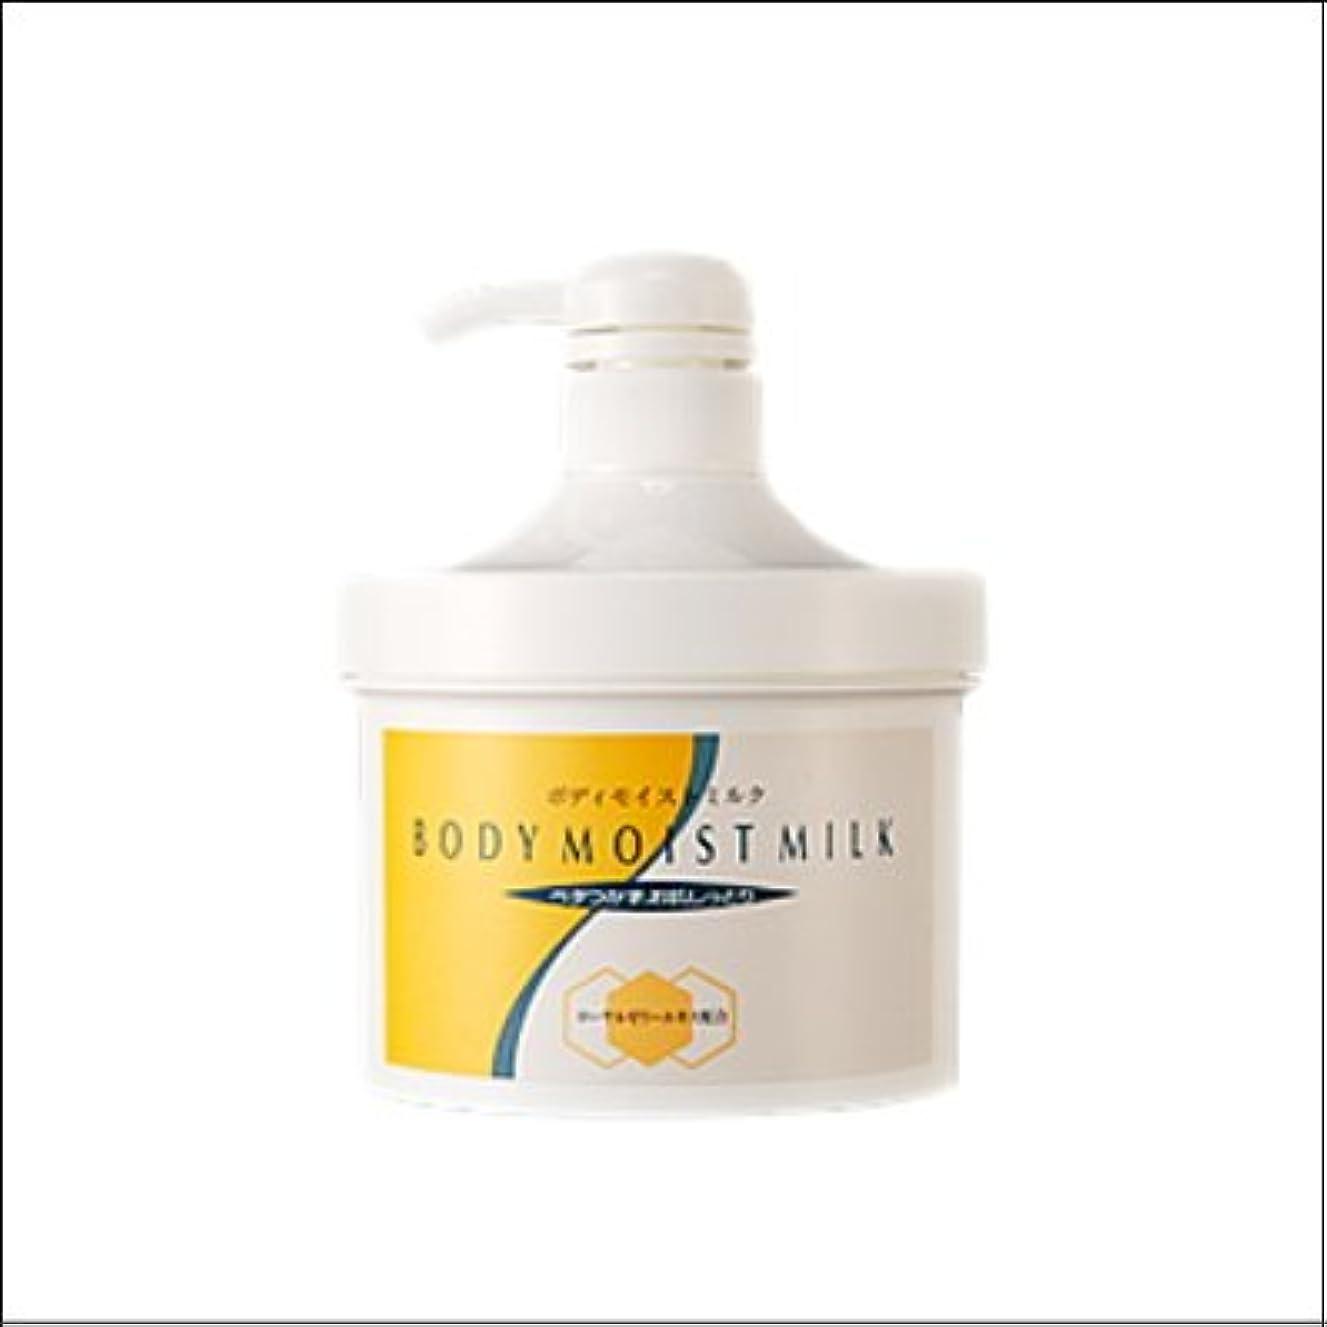 確立流出膨張する馬油 ボディモイストミルク